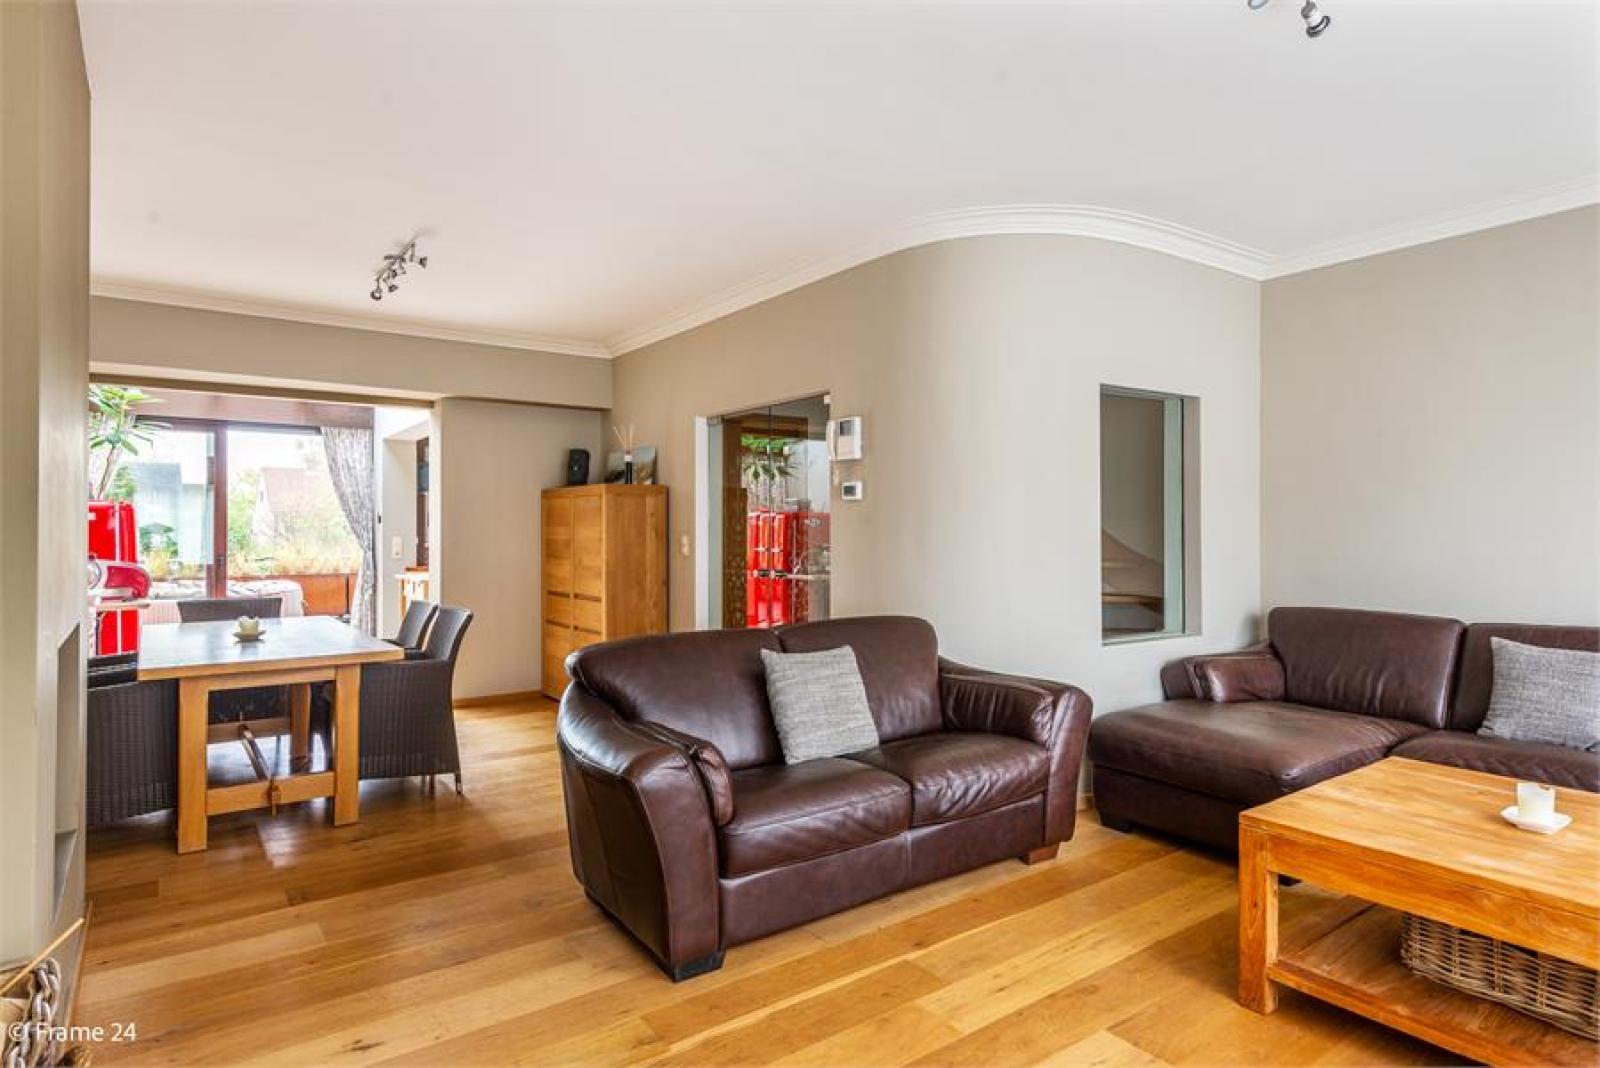 Verzorgde bel-étage met 3 slaapkamers, tuin en garage nabij centrum Wijnegem gelegen. afbeelding 3